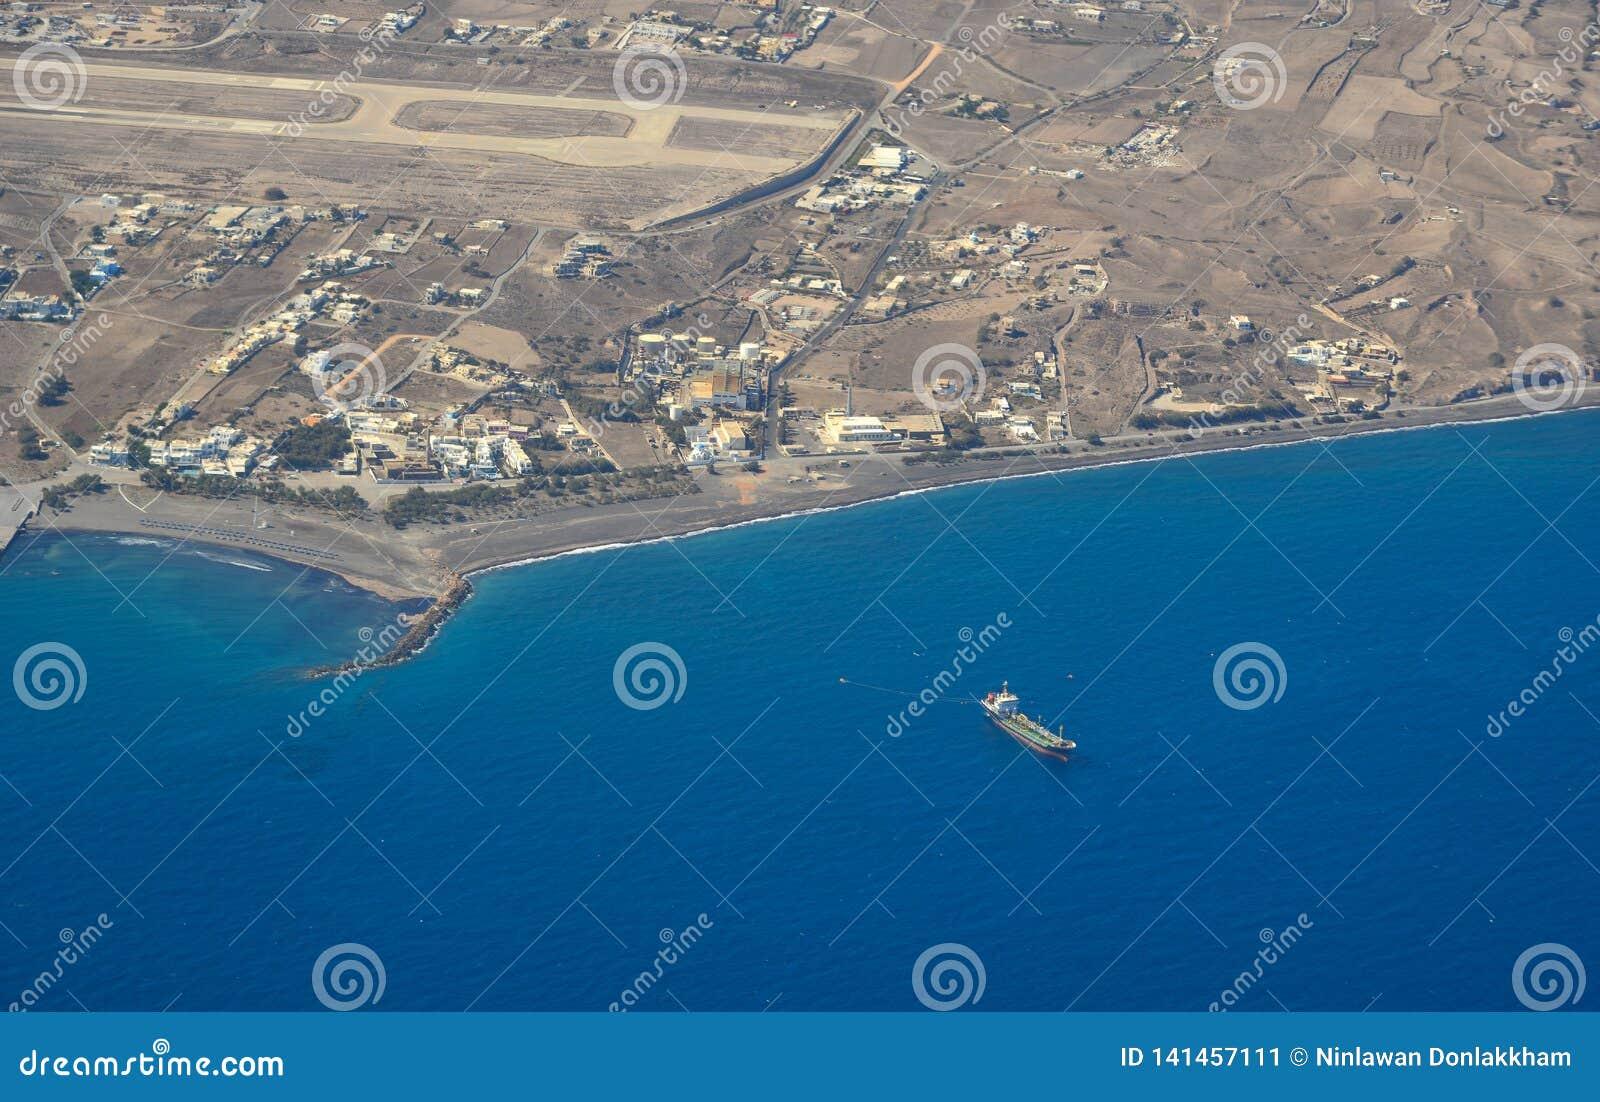 Luchtmening van kleine eilanden